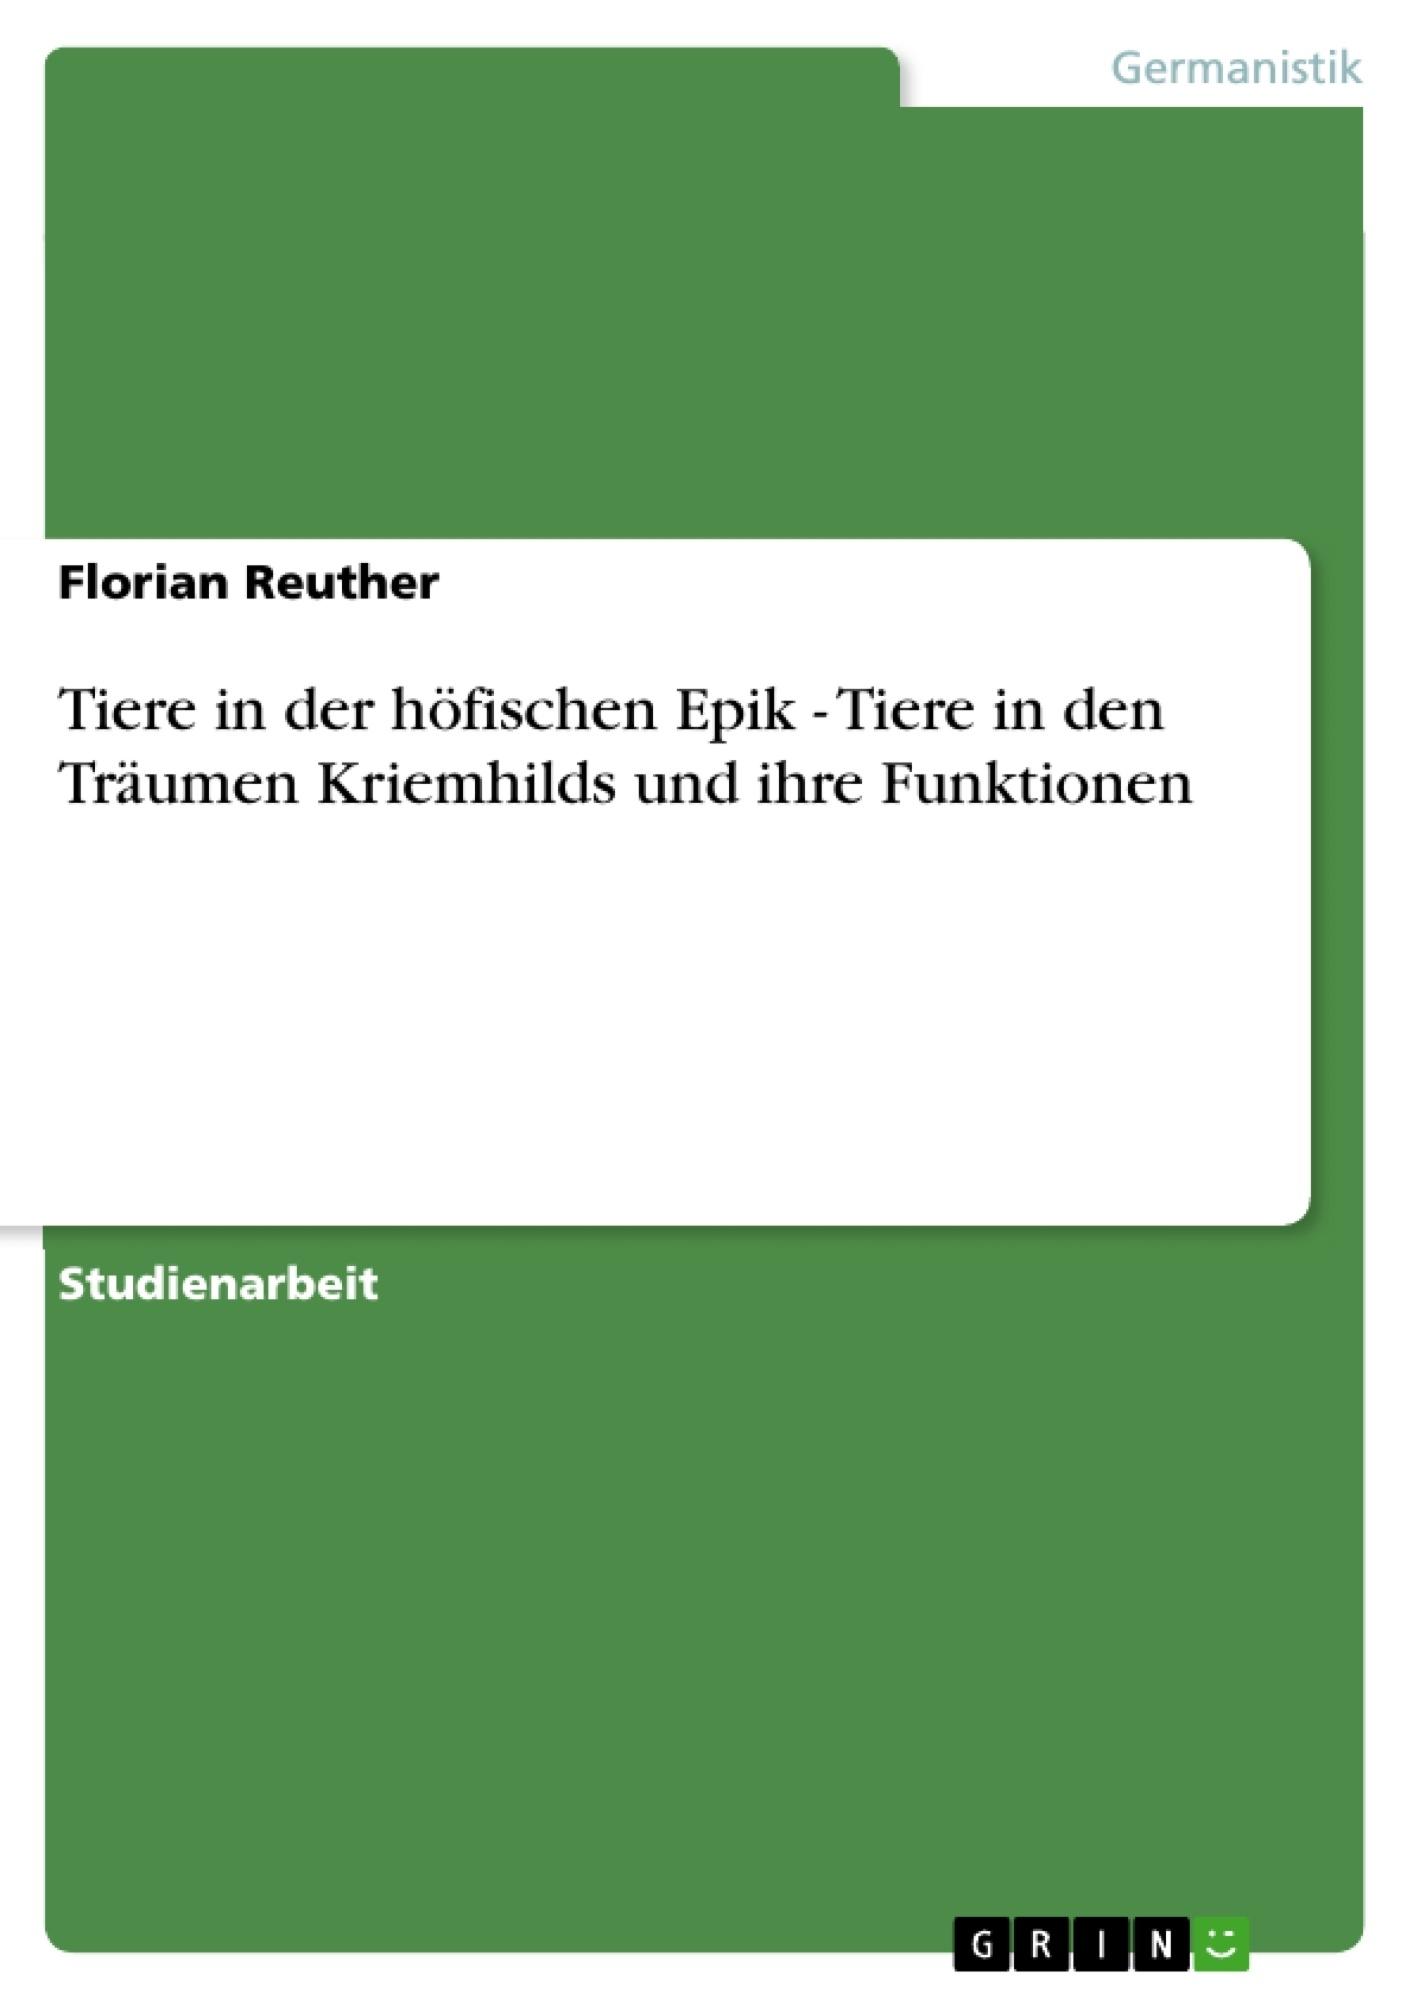 Titel: Tiere in der höfischen Epik - Tiere in den Träumen Kriemhilds  und ihre Funktionen